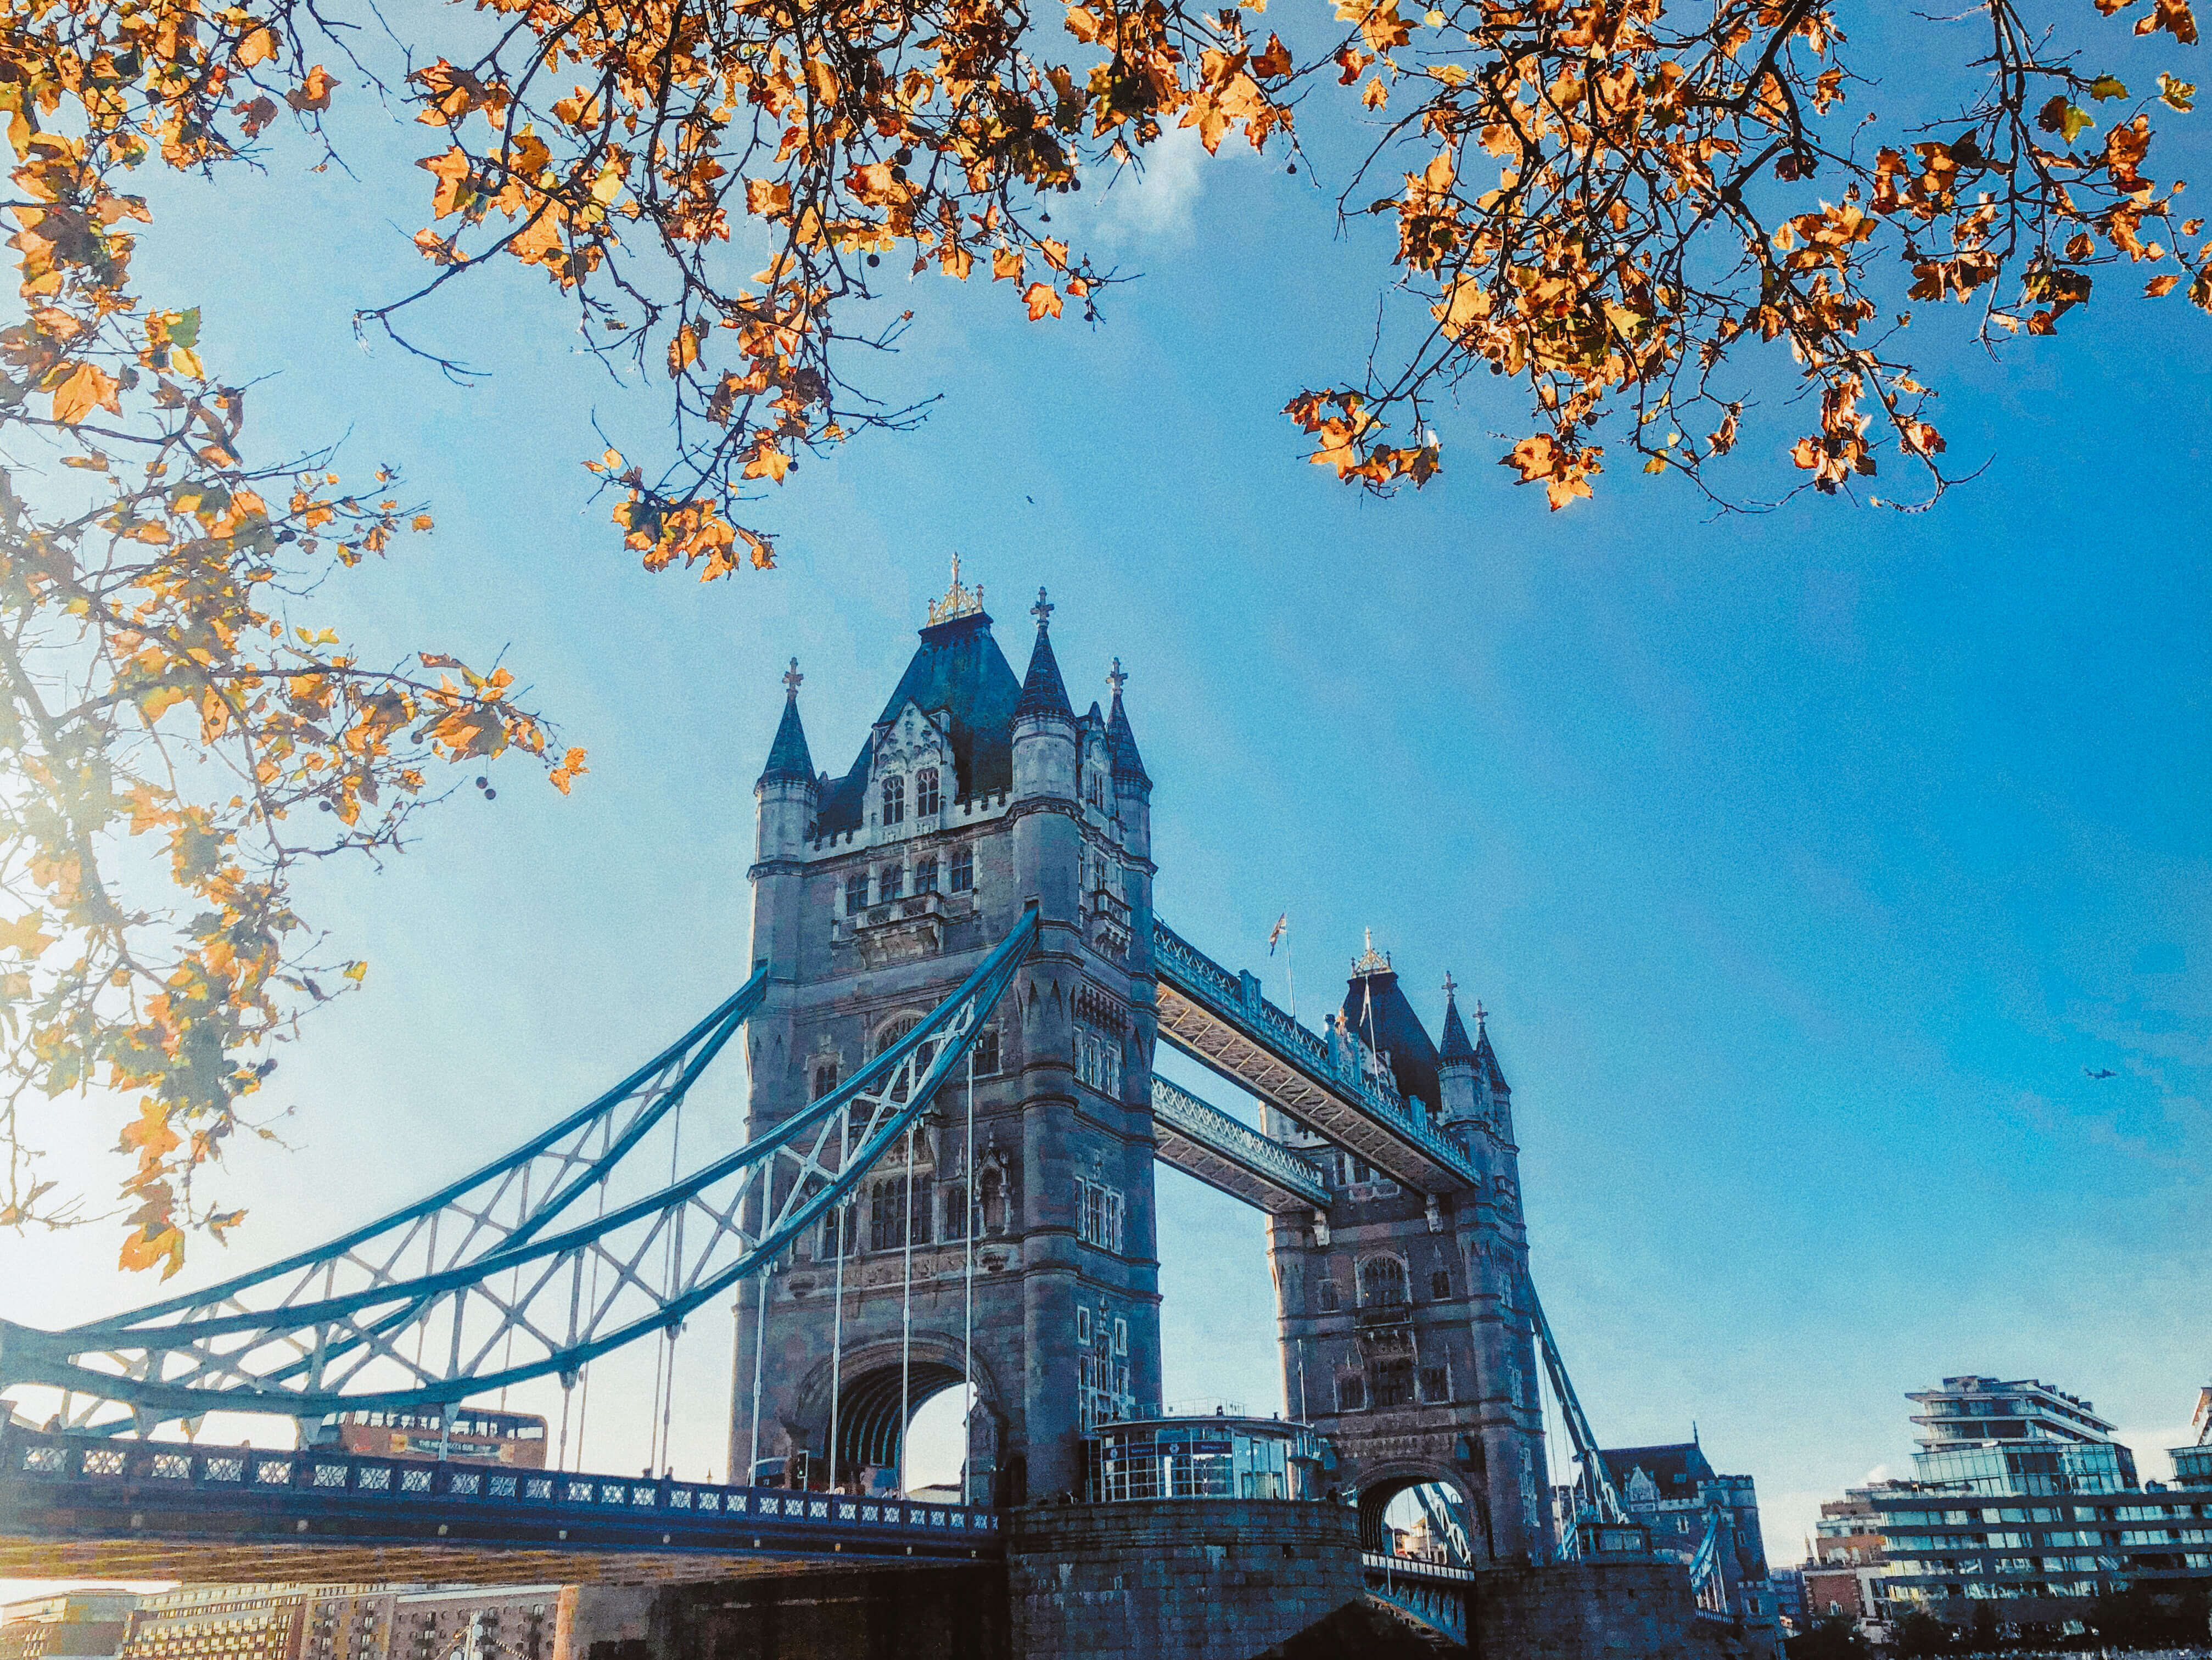 午前着便で楽しもう!効率的に巡る初めてのロンドン1人旅【前編】